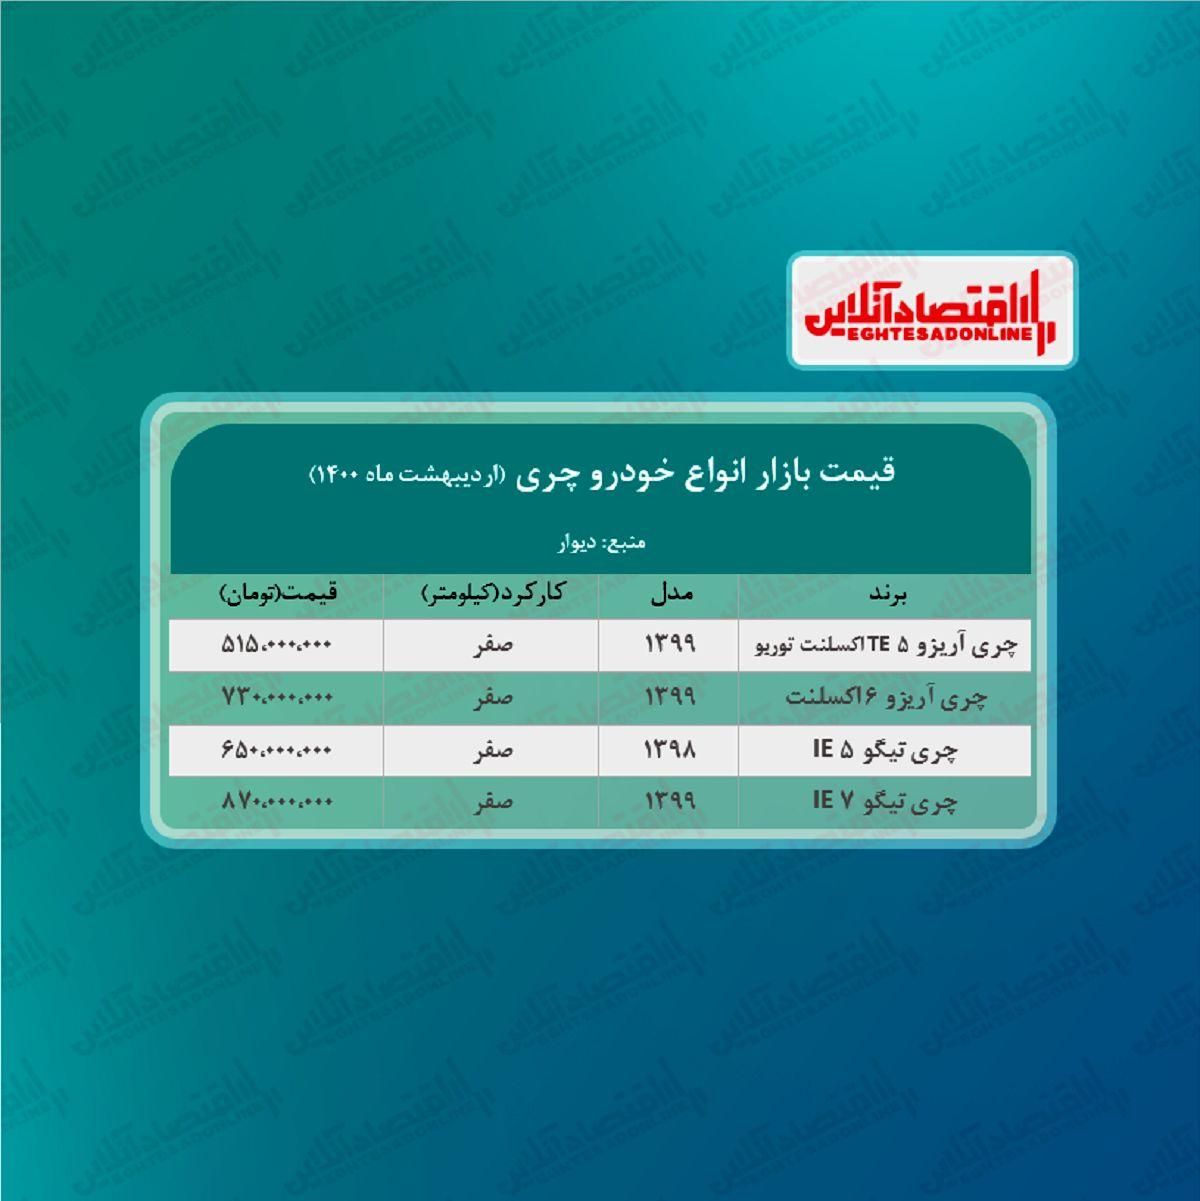 جدیدترین قیمت چری در تهران + جدول